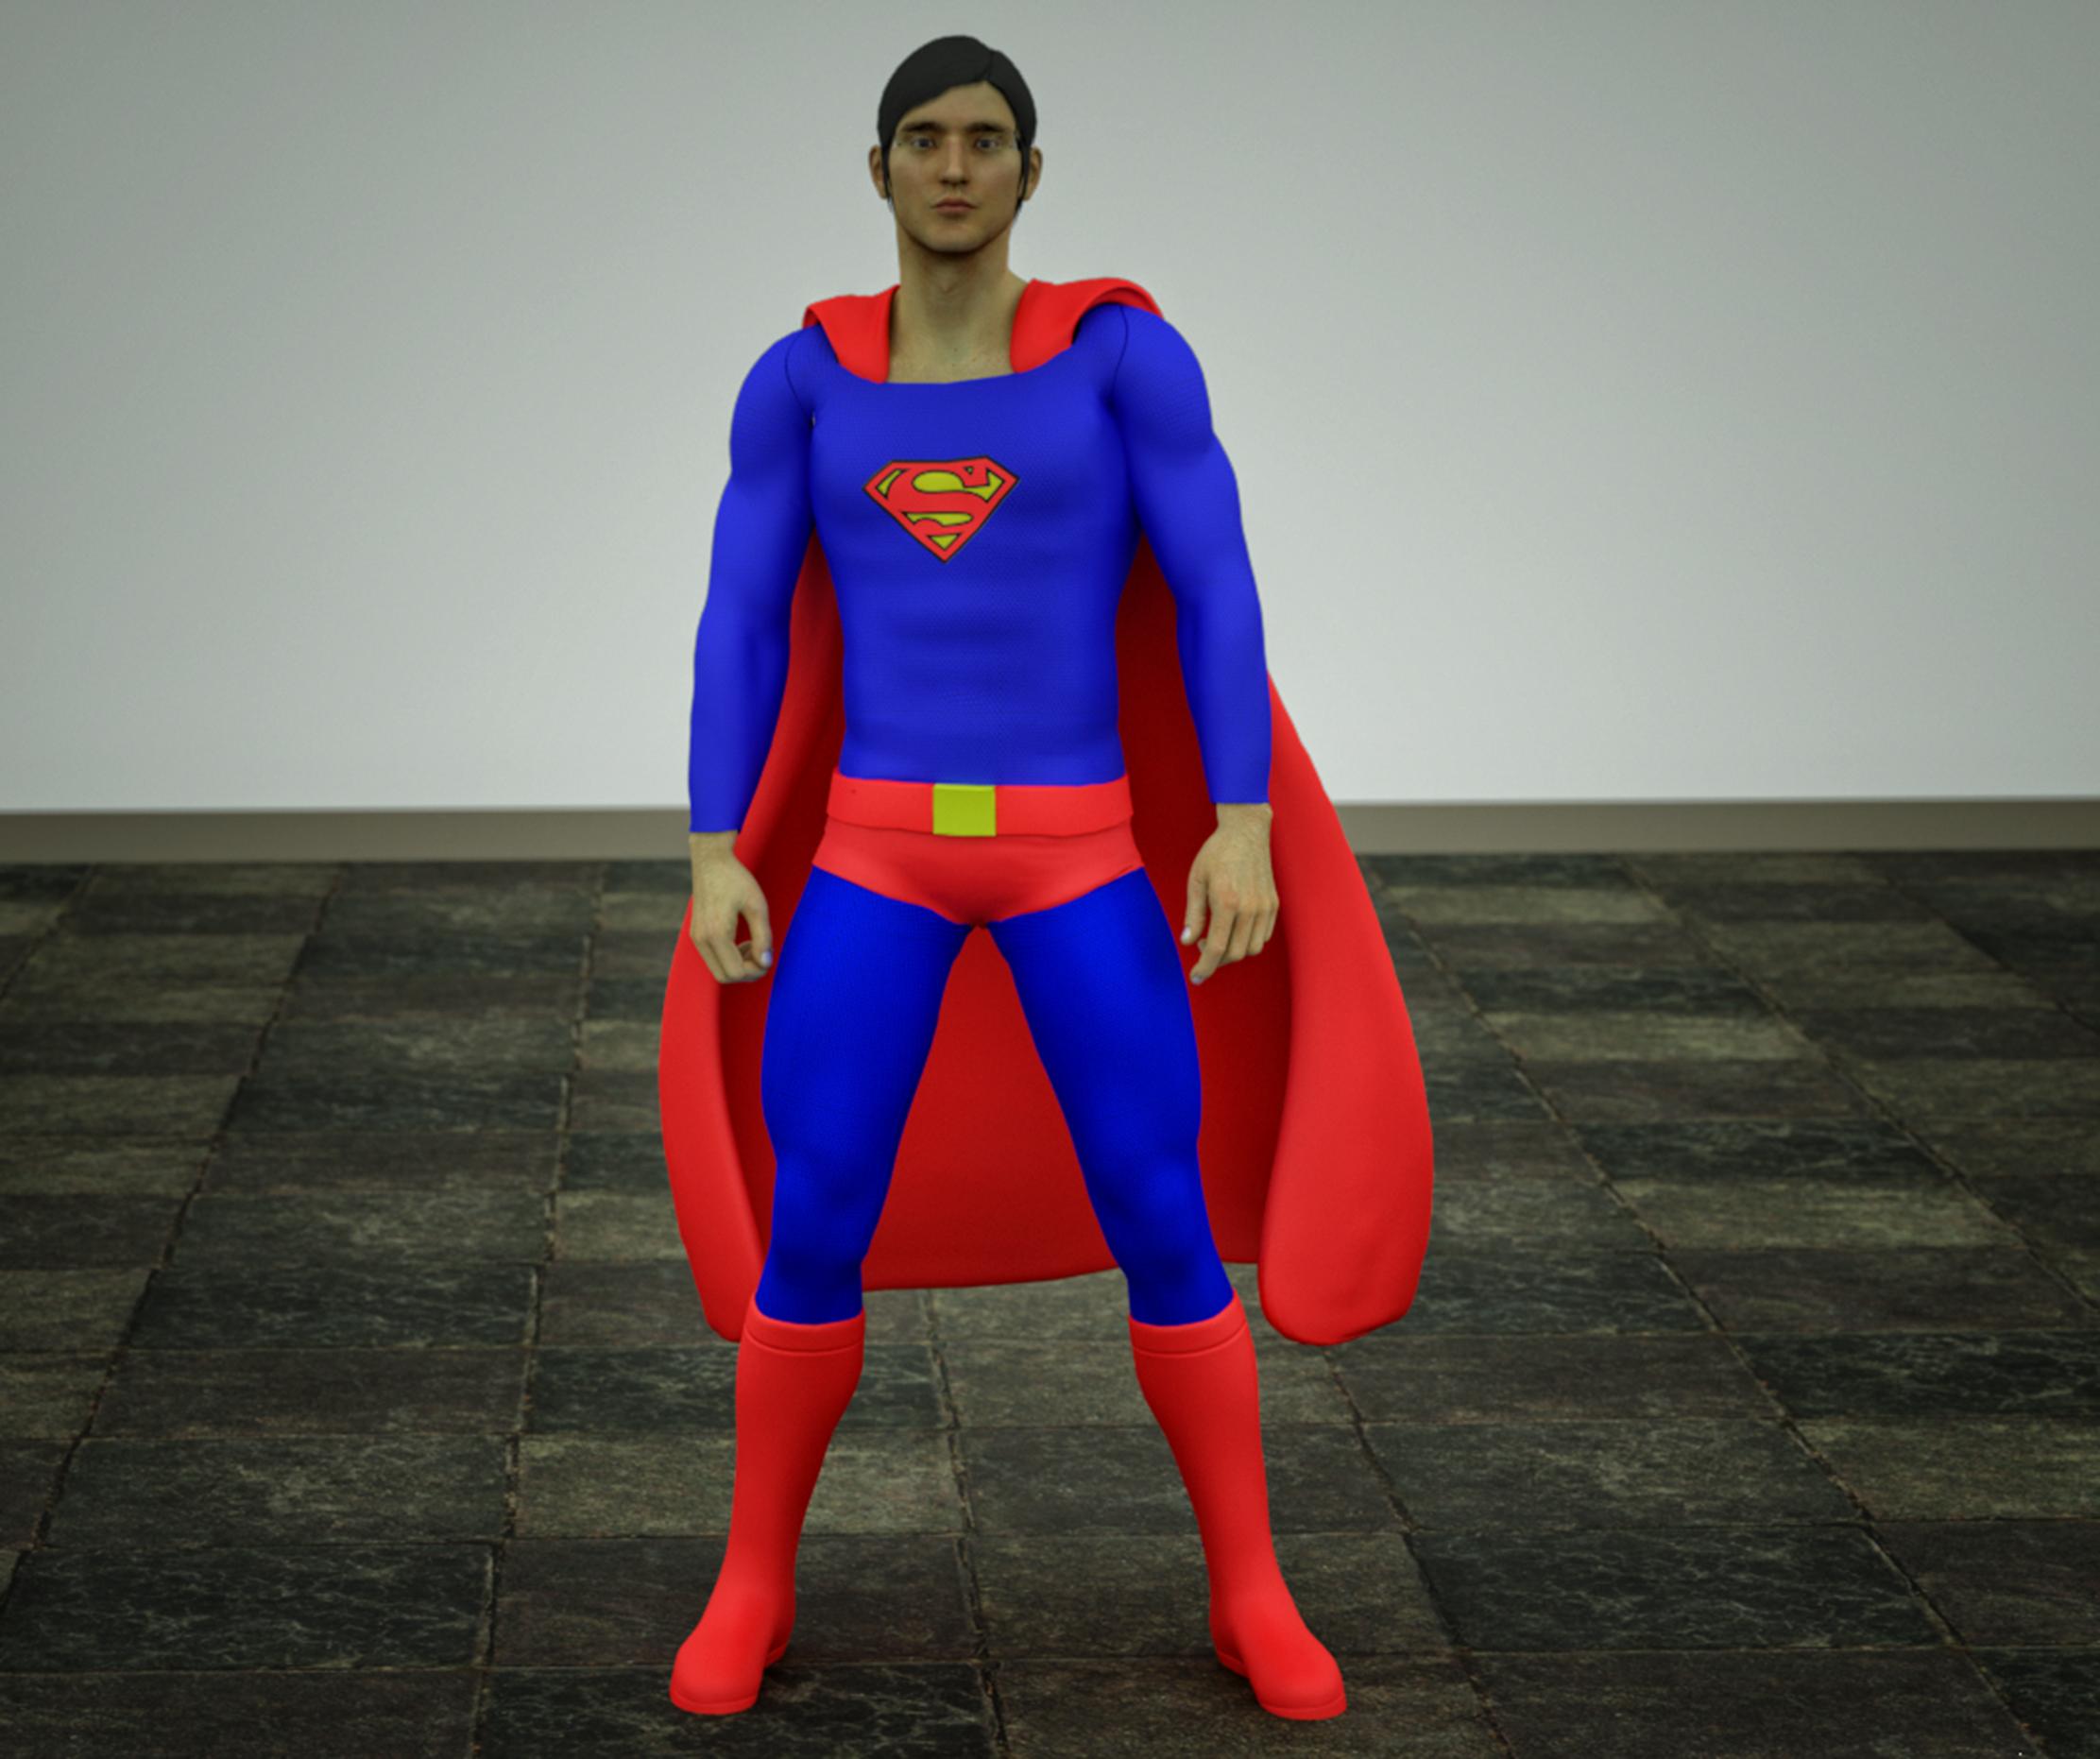 Superman texture for goldenage suit